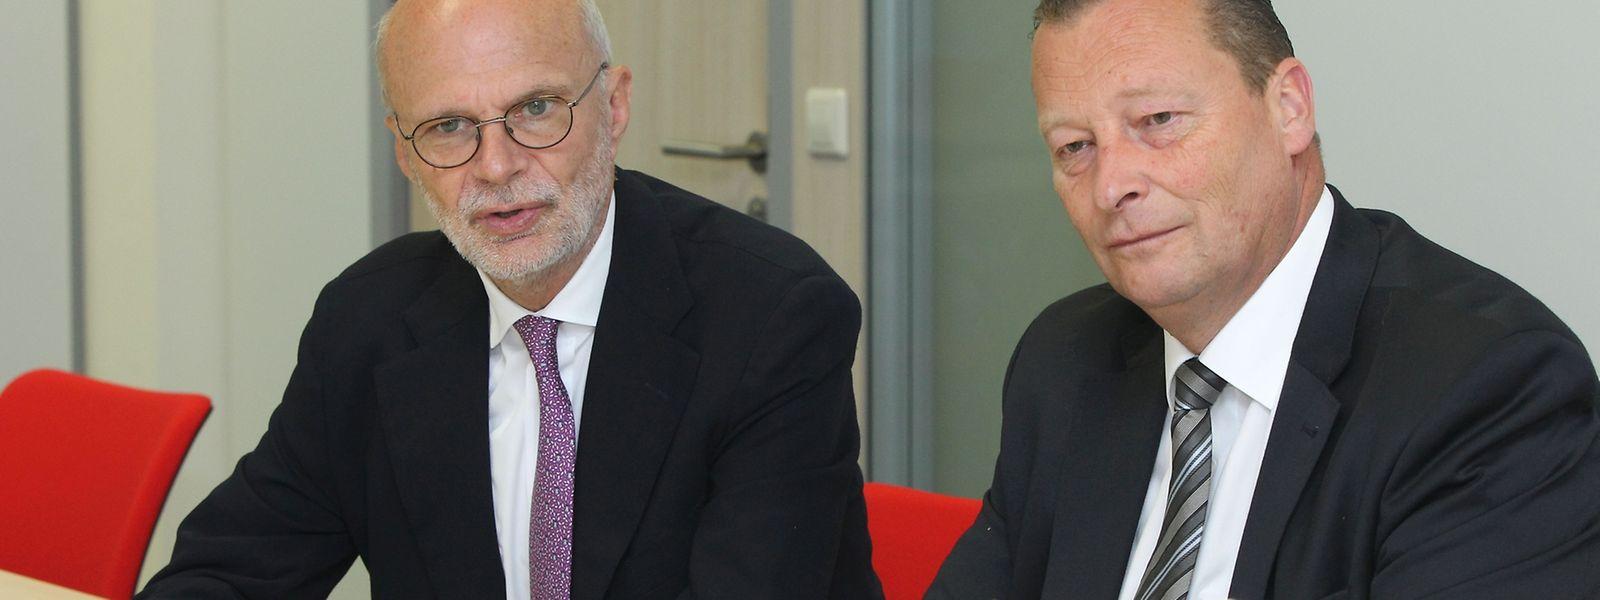 """""""Das ist für uns keine extrem gute Nachricht"""", kommentierte Adrien Ney (links), CEO der Luxair Group, die Pläne der Lufthansa, selbst nach Frankfurt und München fliegen zu wollen."""